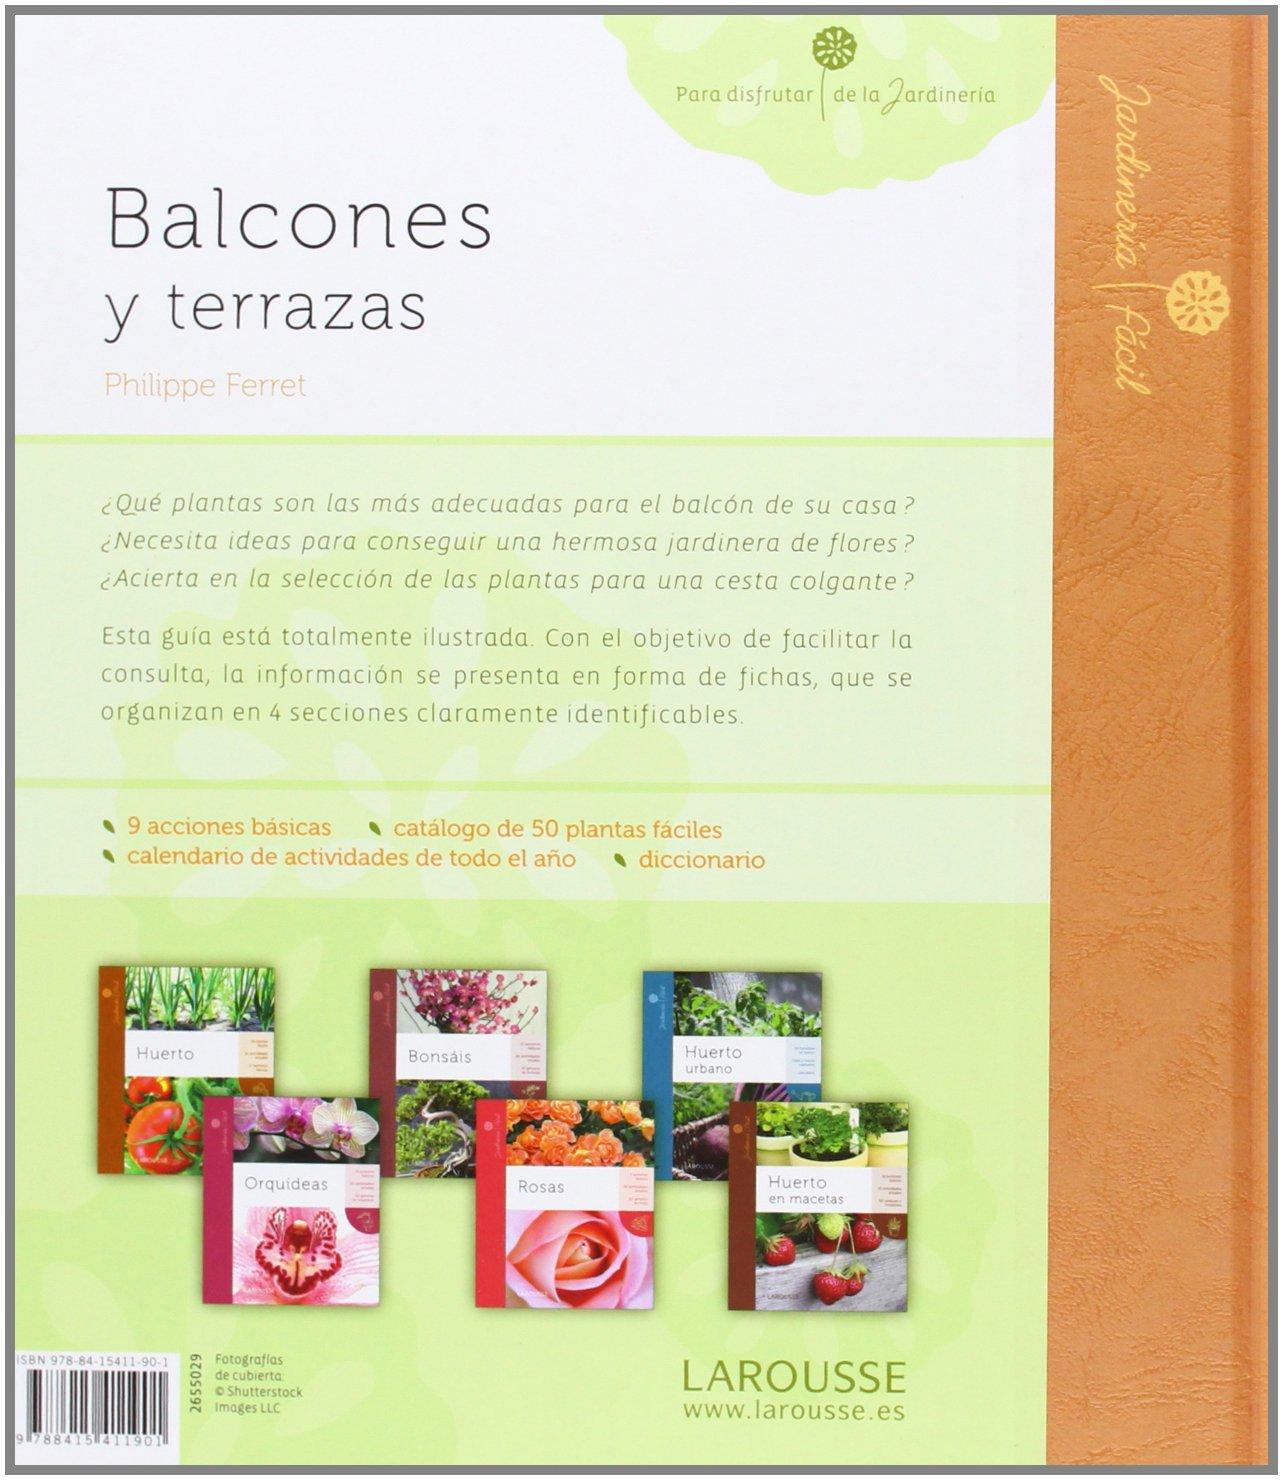 Balcones y terrazas Larousse - Libros Ilustrados/ Prácticos - Ocio ...